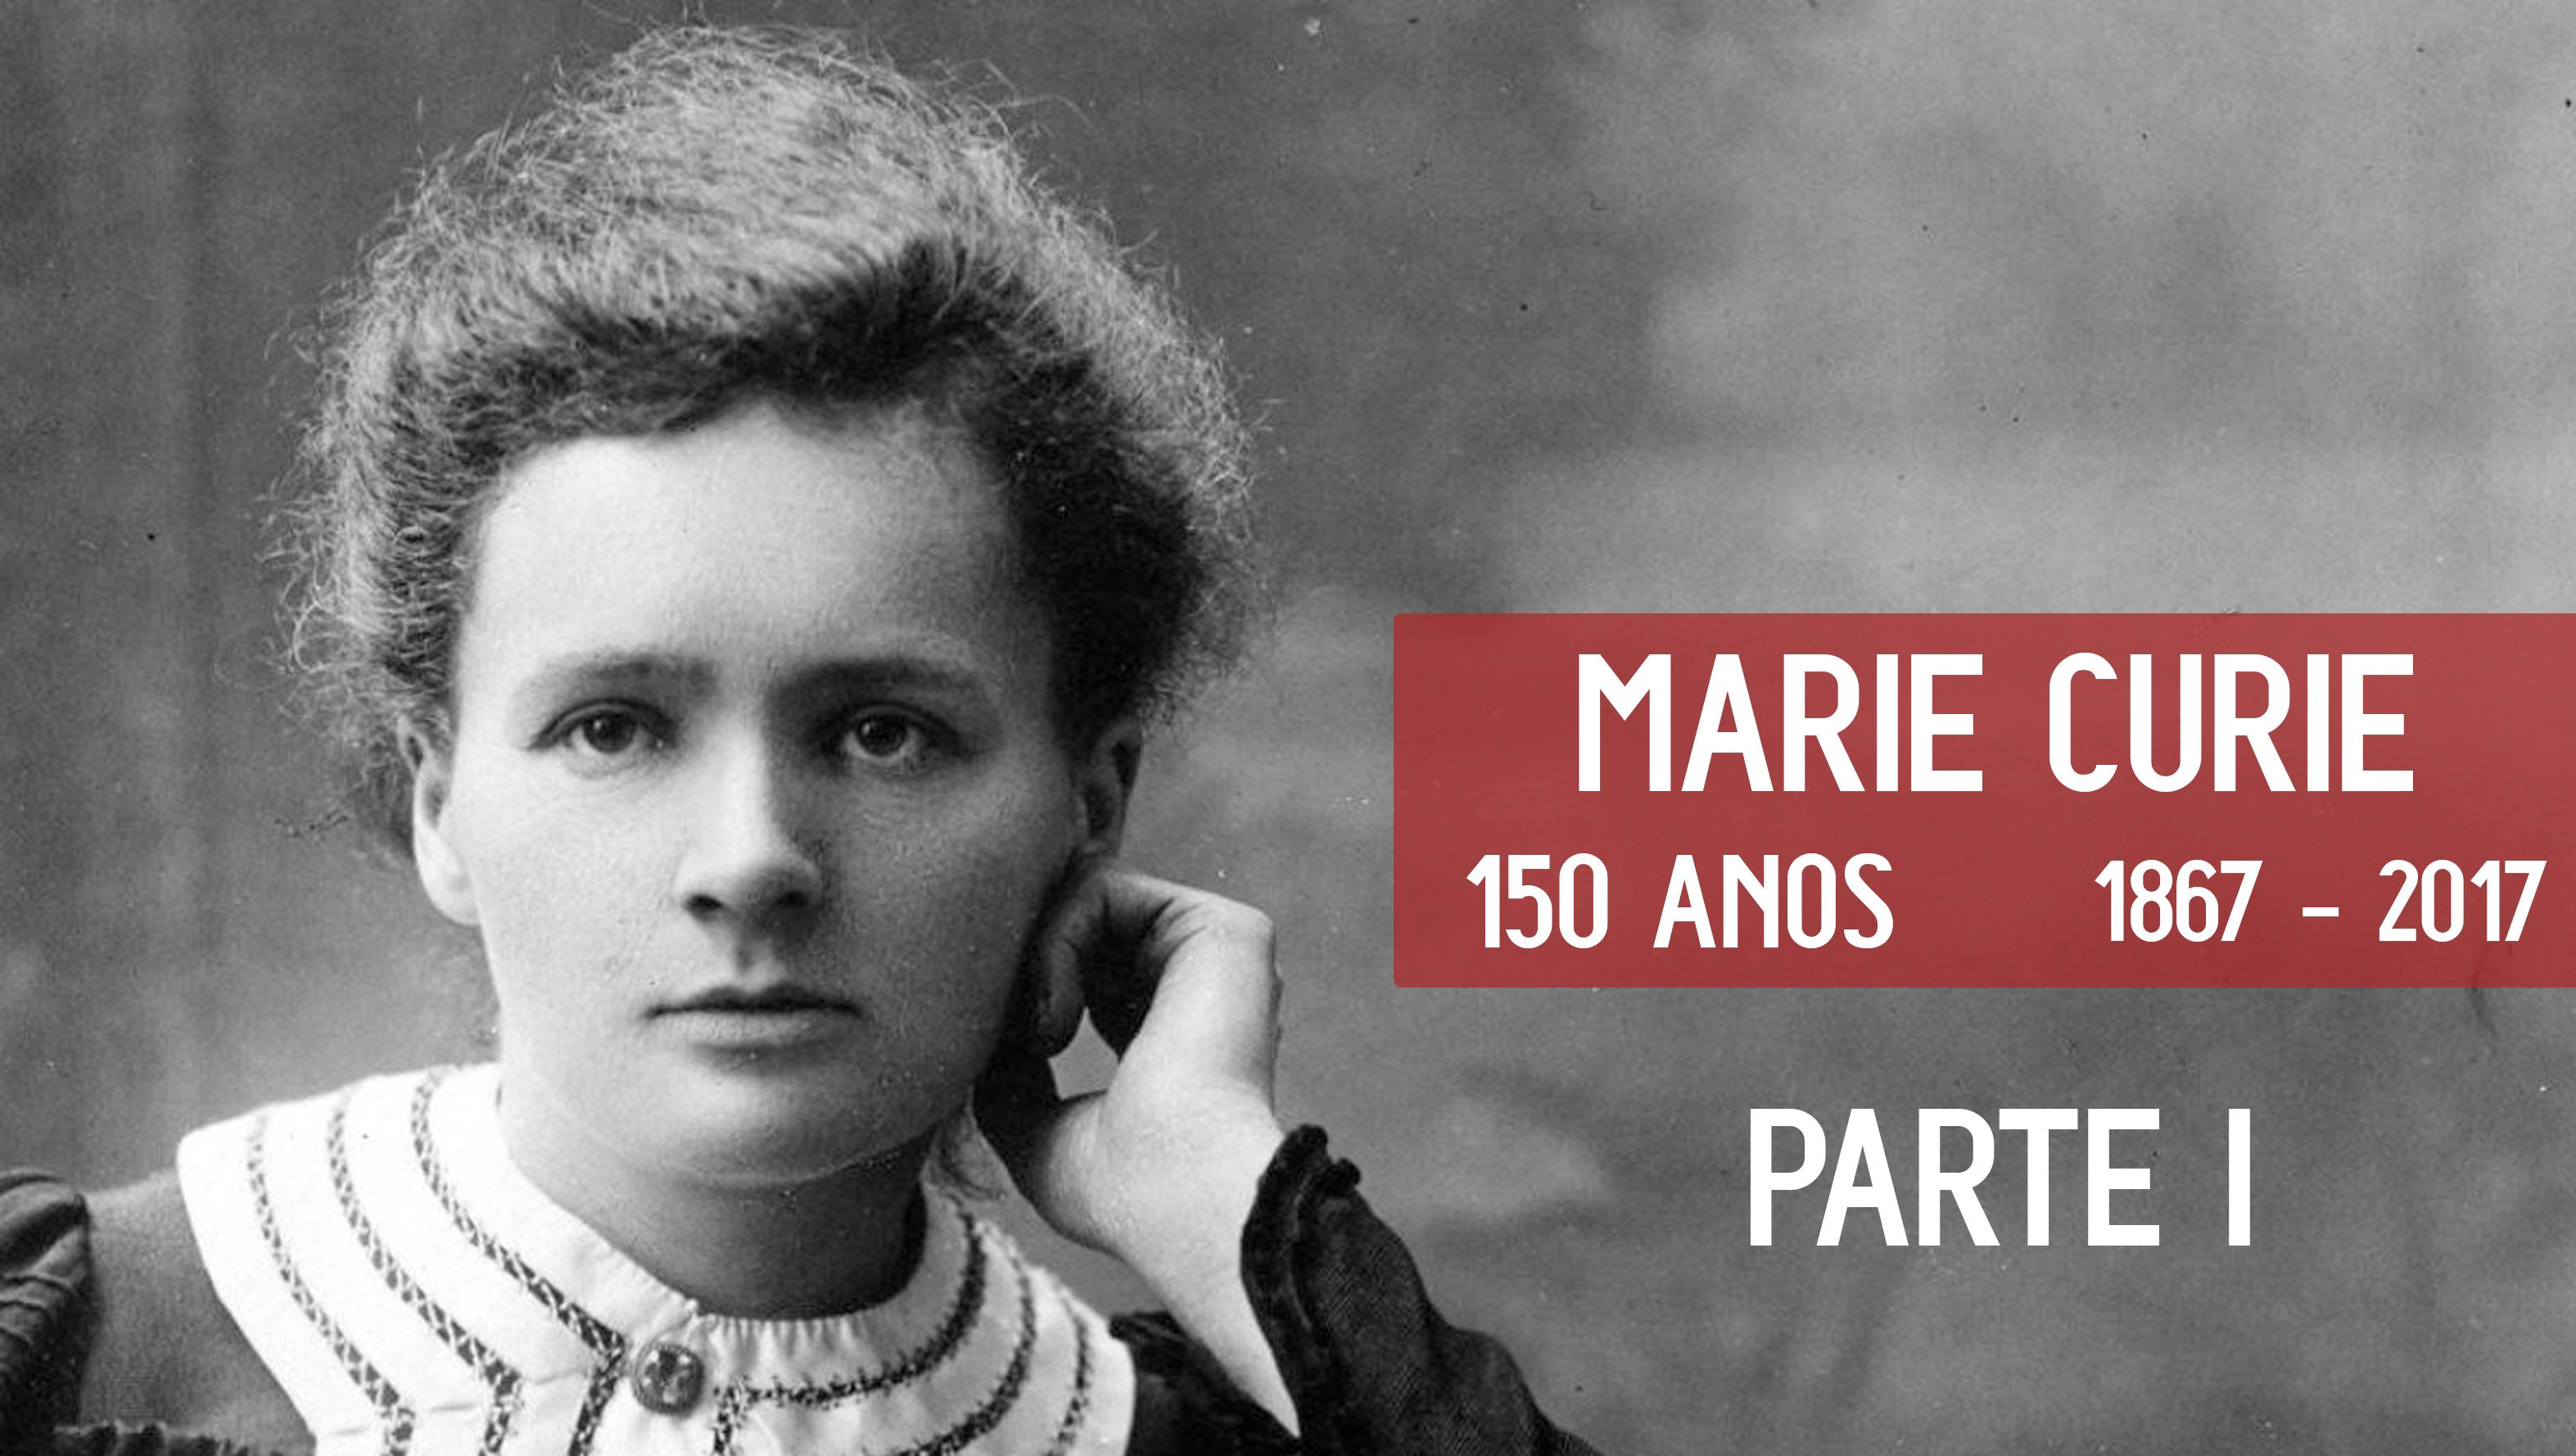 f2c95cb95 150 anos de Marie Curie - Parte I - A Ciência Explica